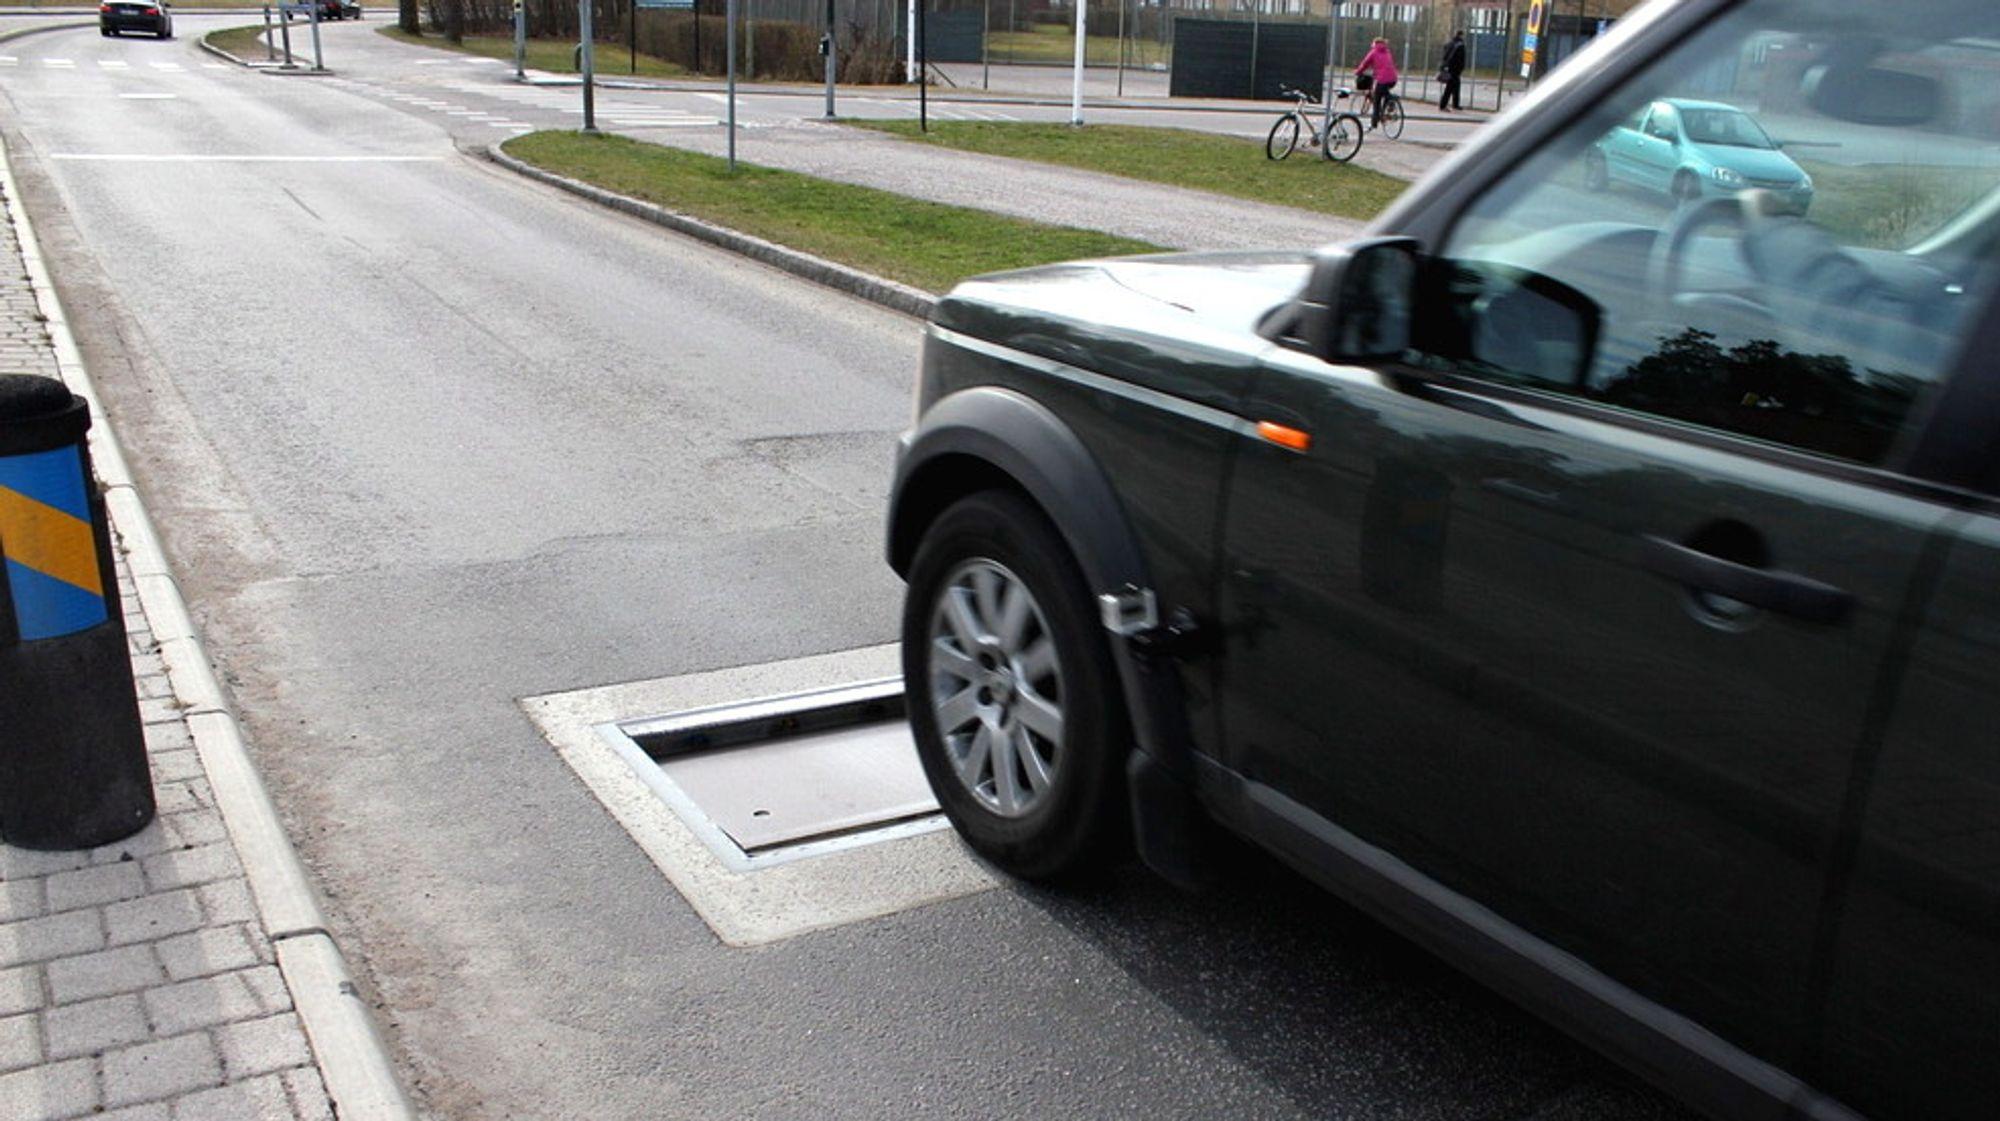 En bil kjører over en radarstyrt fallempe i Linköping i Sverige - hjemstedet til produsenten av systemet.